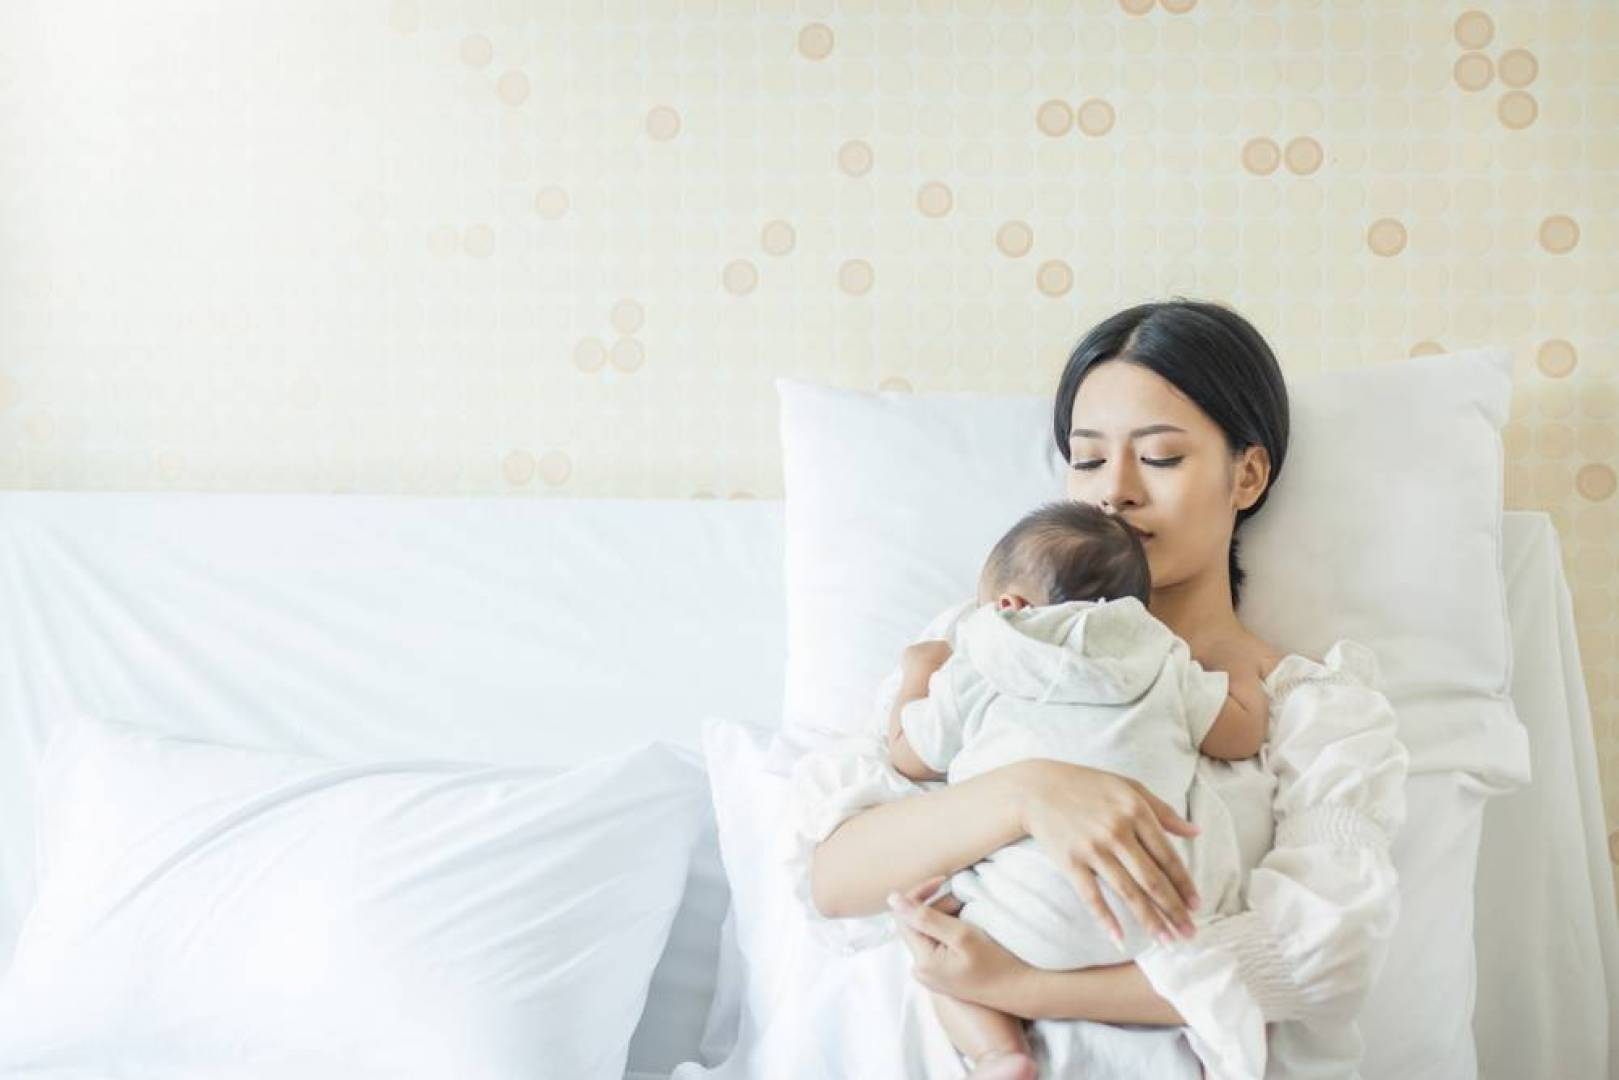 الرضاعة الطبيعية تعزز الذاكرة و الإدراك لحديثي الولادة